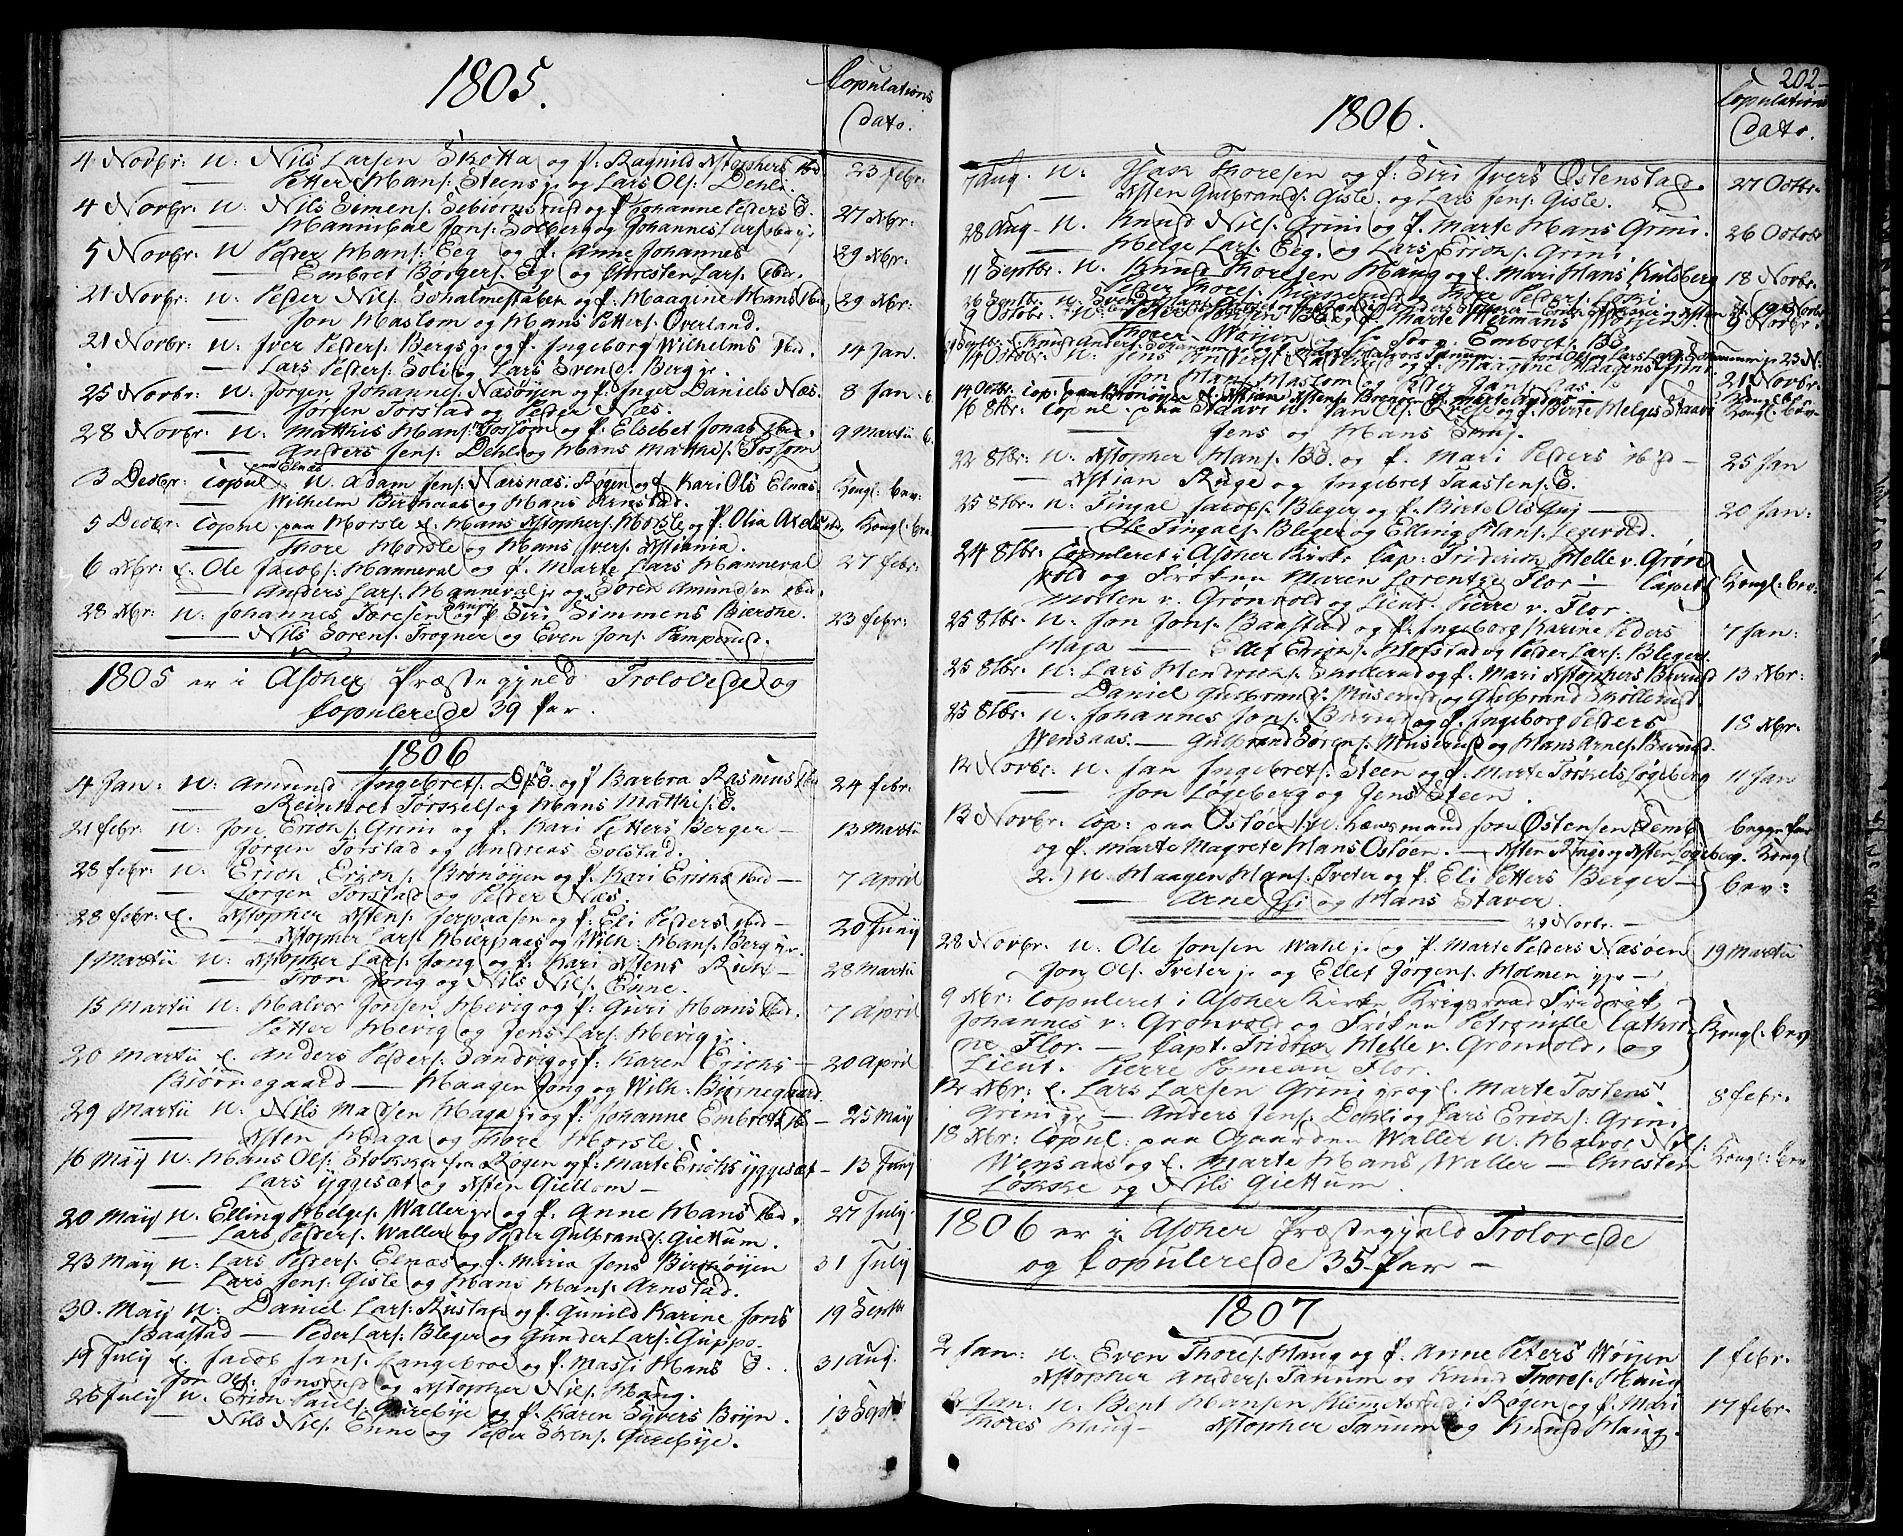 SAO, Asker prestekontor Kirkebøker, F/Fa/L0003: Ministerialbok nr. I 3, 1767-1807, s. 202